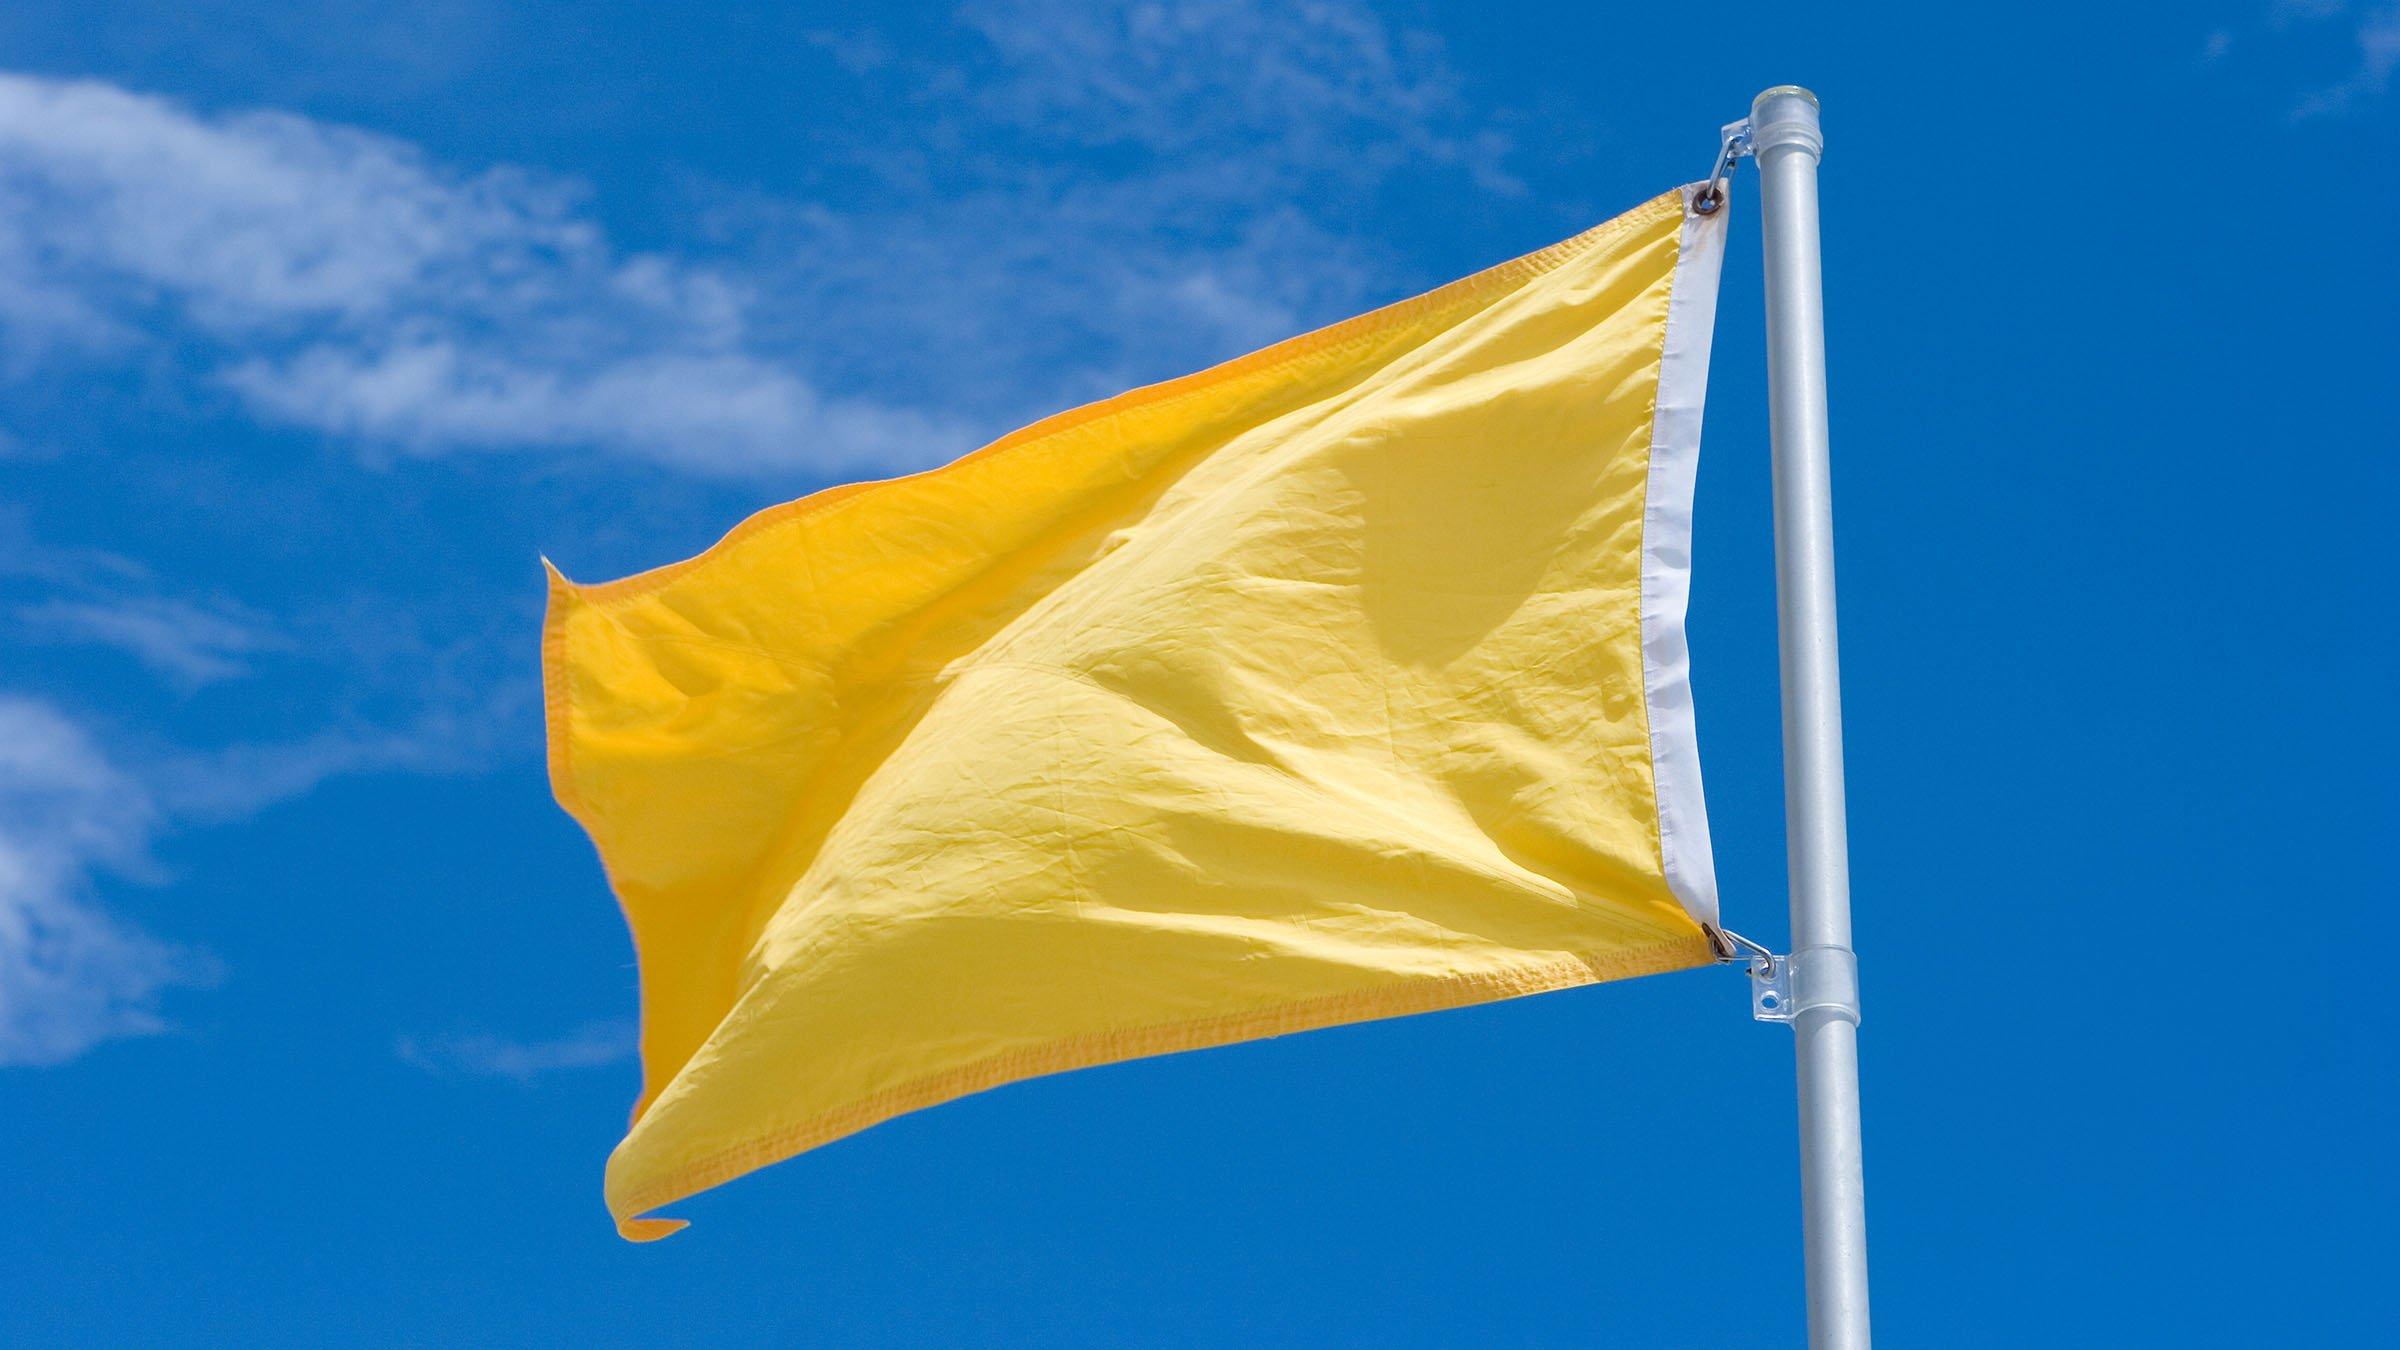 bandera-amarilla-precaucion-en-la-playa